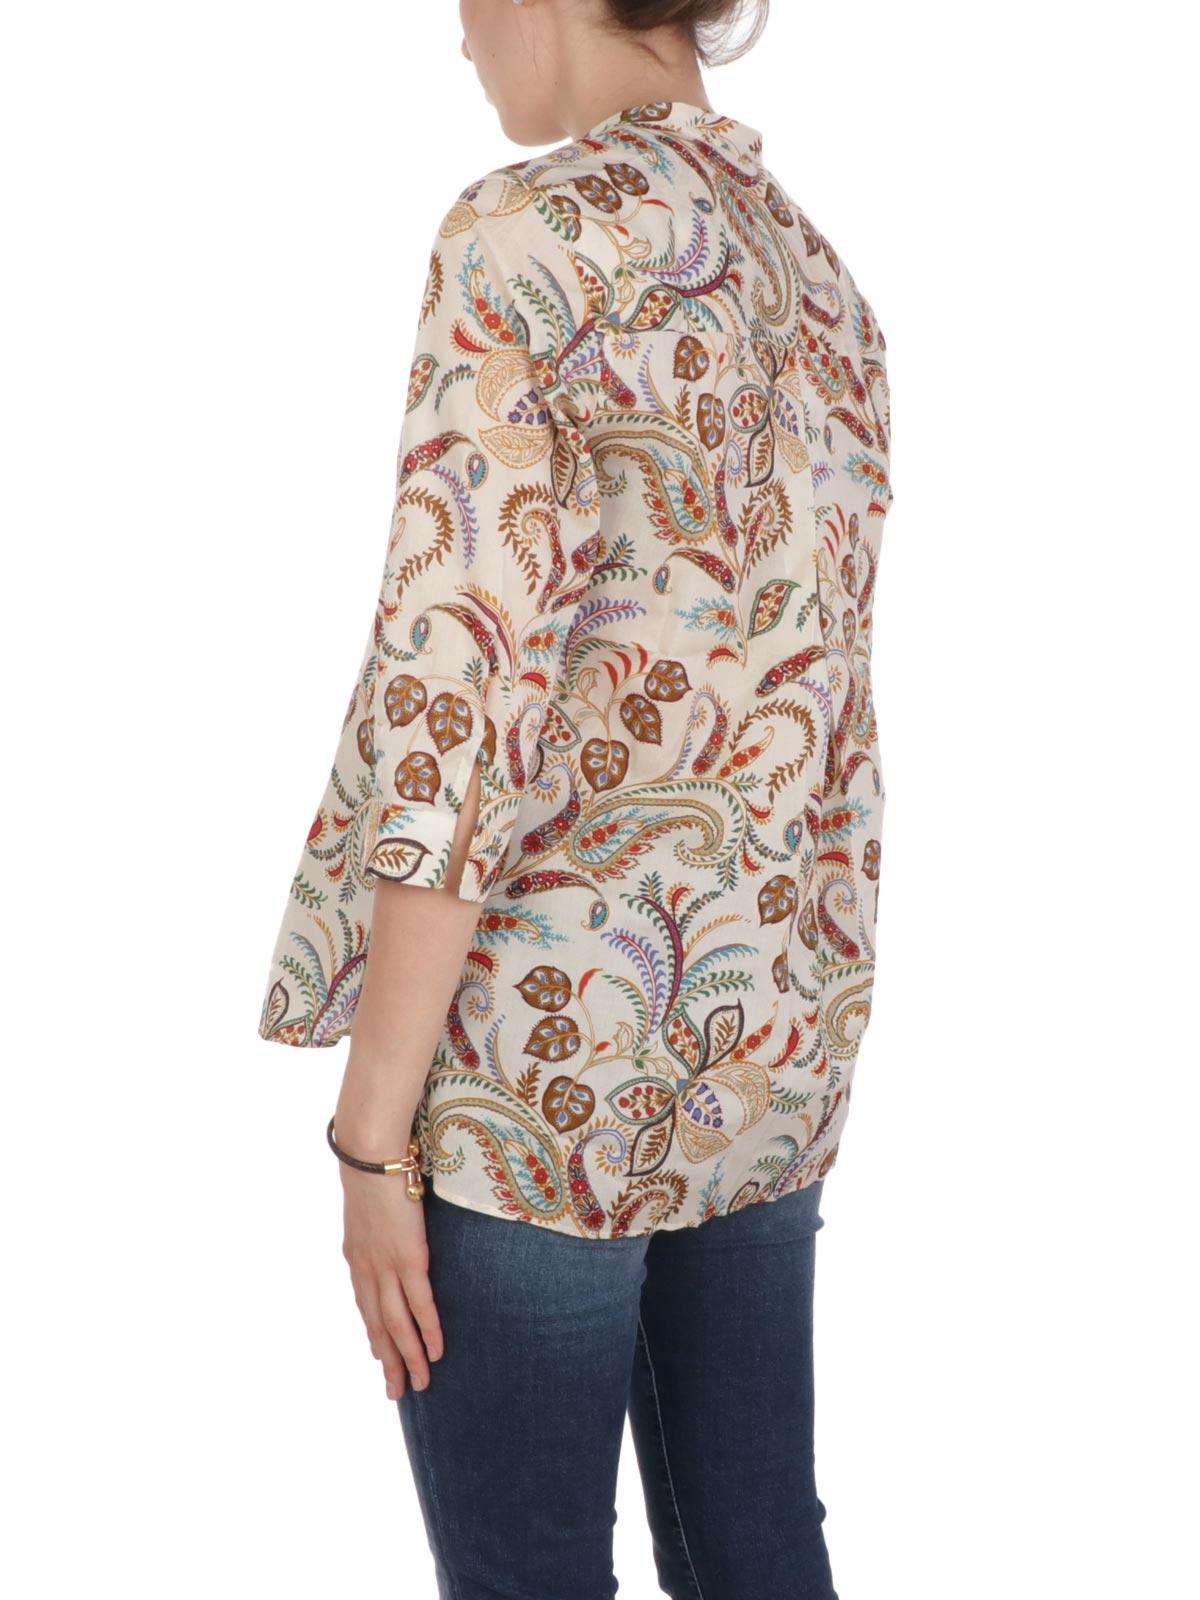 Immagine di CALIBAN | Camicia Donna Coreana Floreale